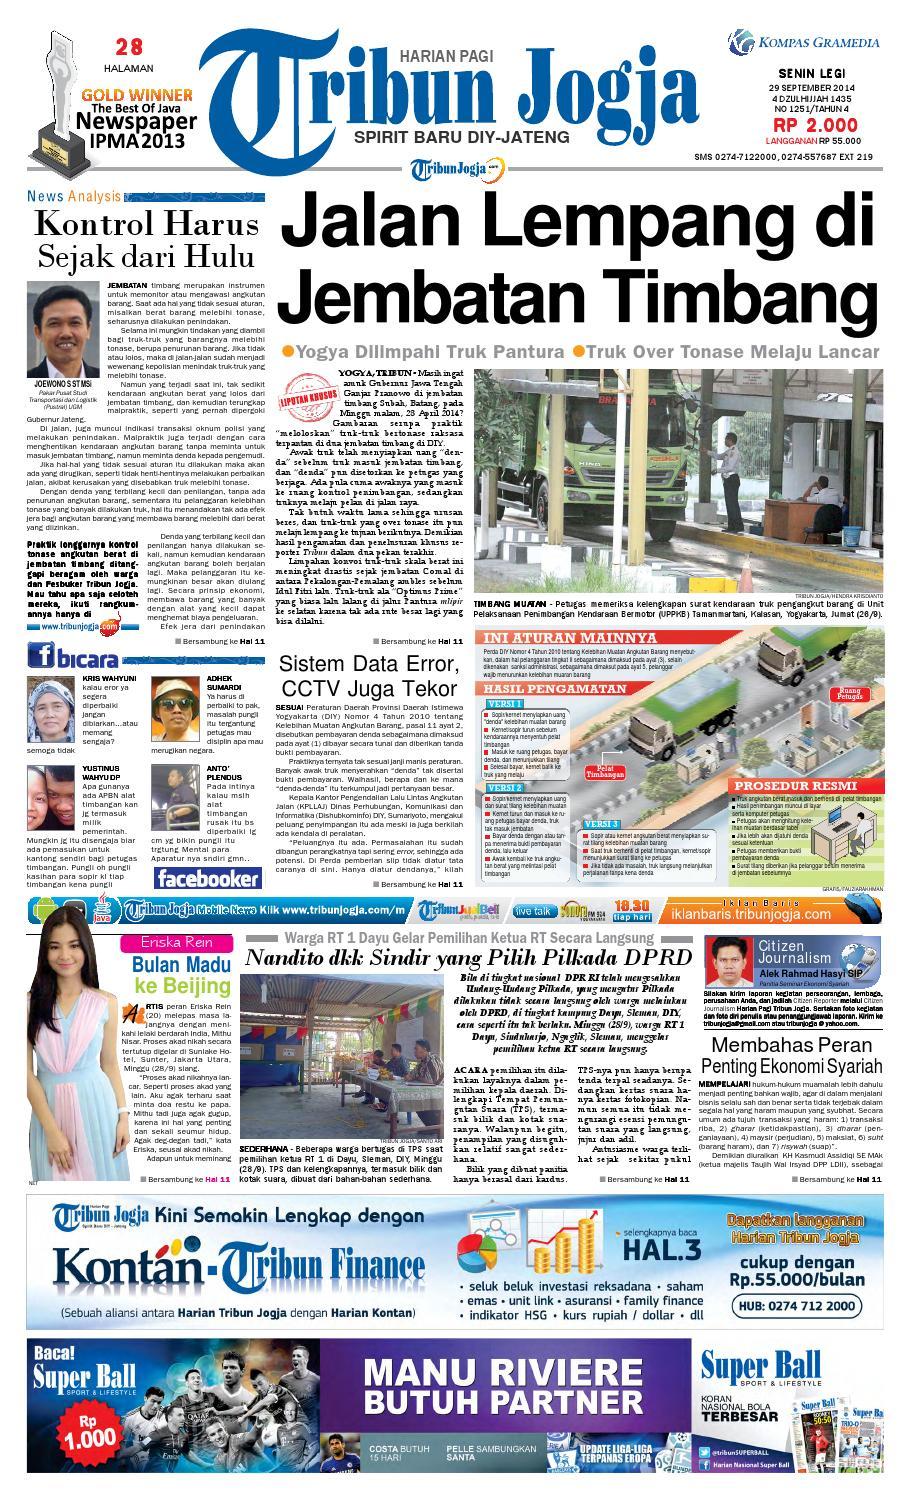 Tribunjogja 29 09 2014 By Tribun Jogja Issuu Stiker Pelengkap Astrea 800